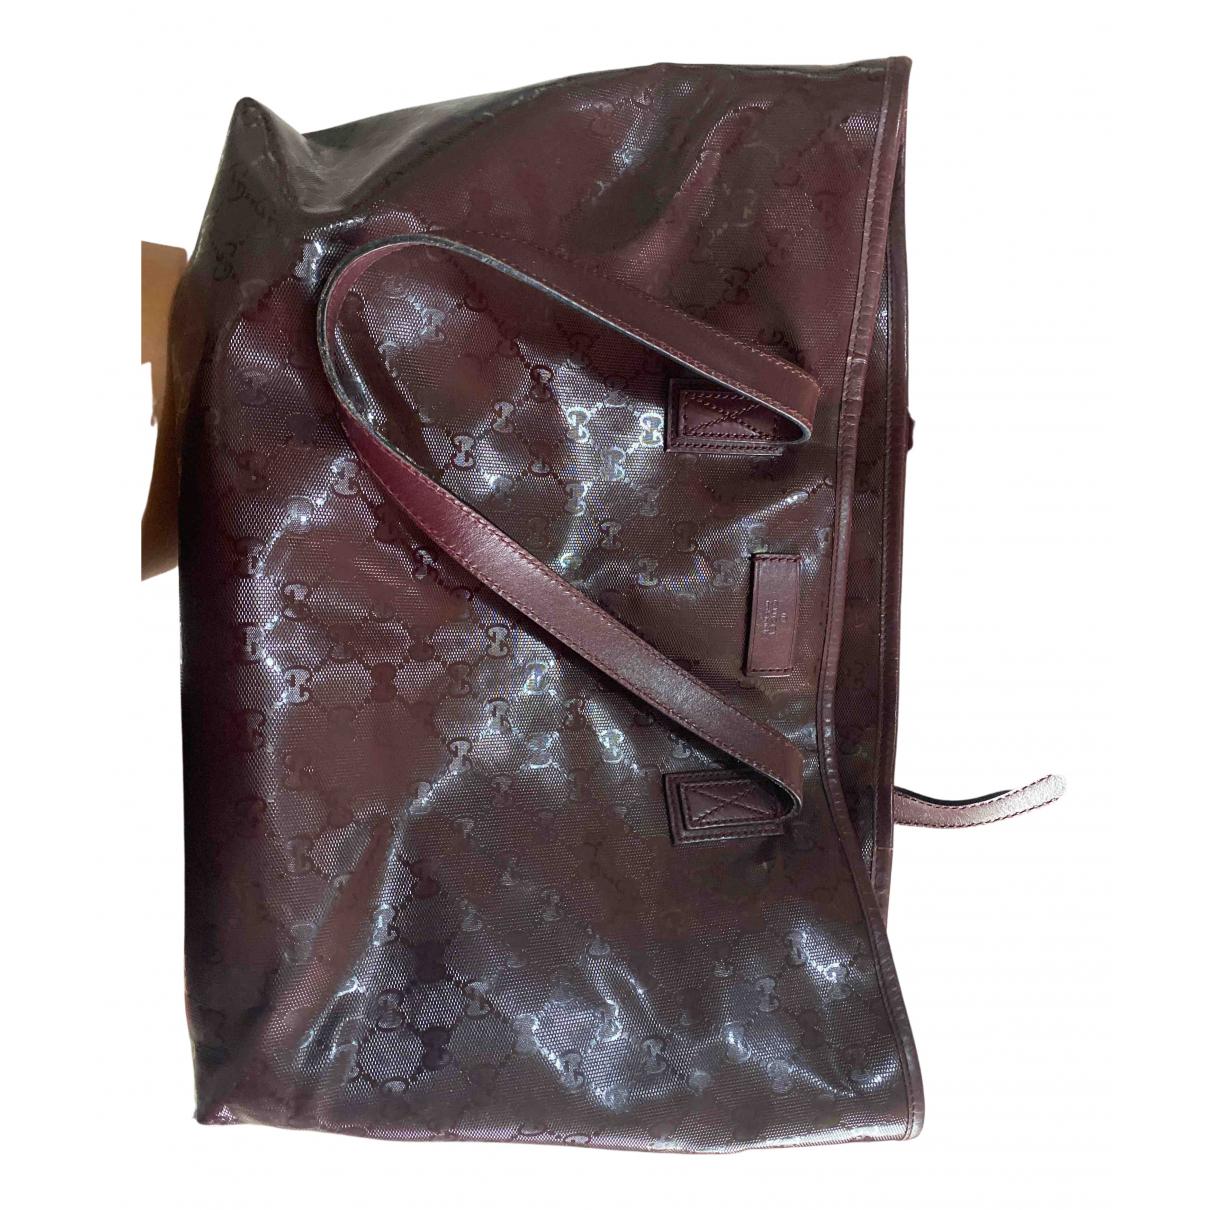 Gucci N Burgundy Cloth handbag for Women N